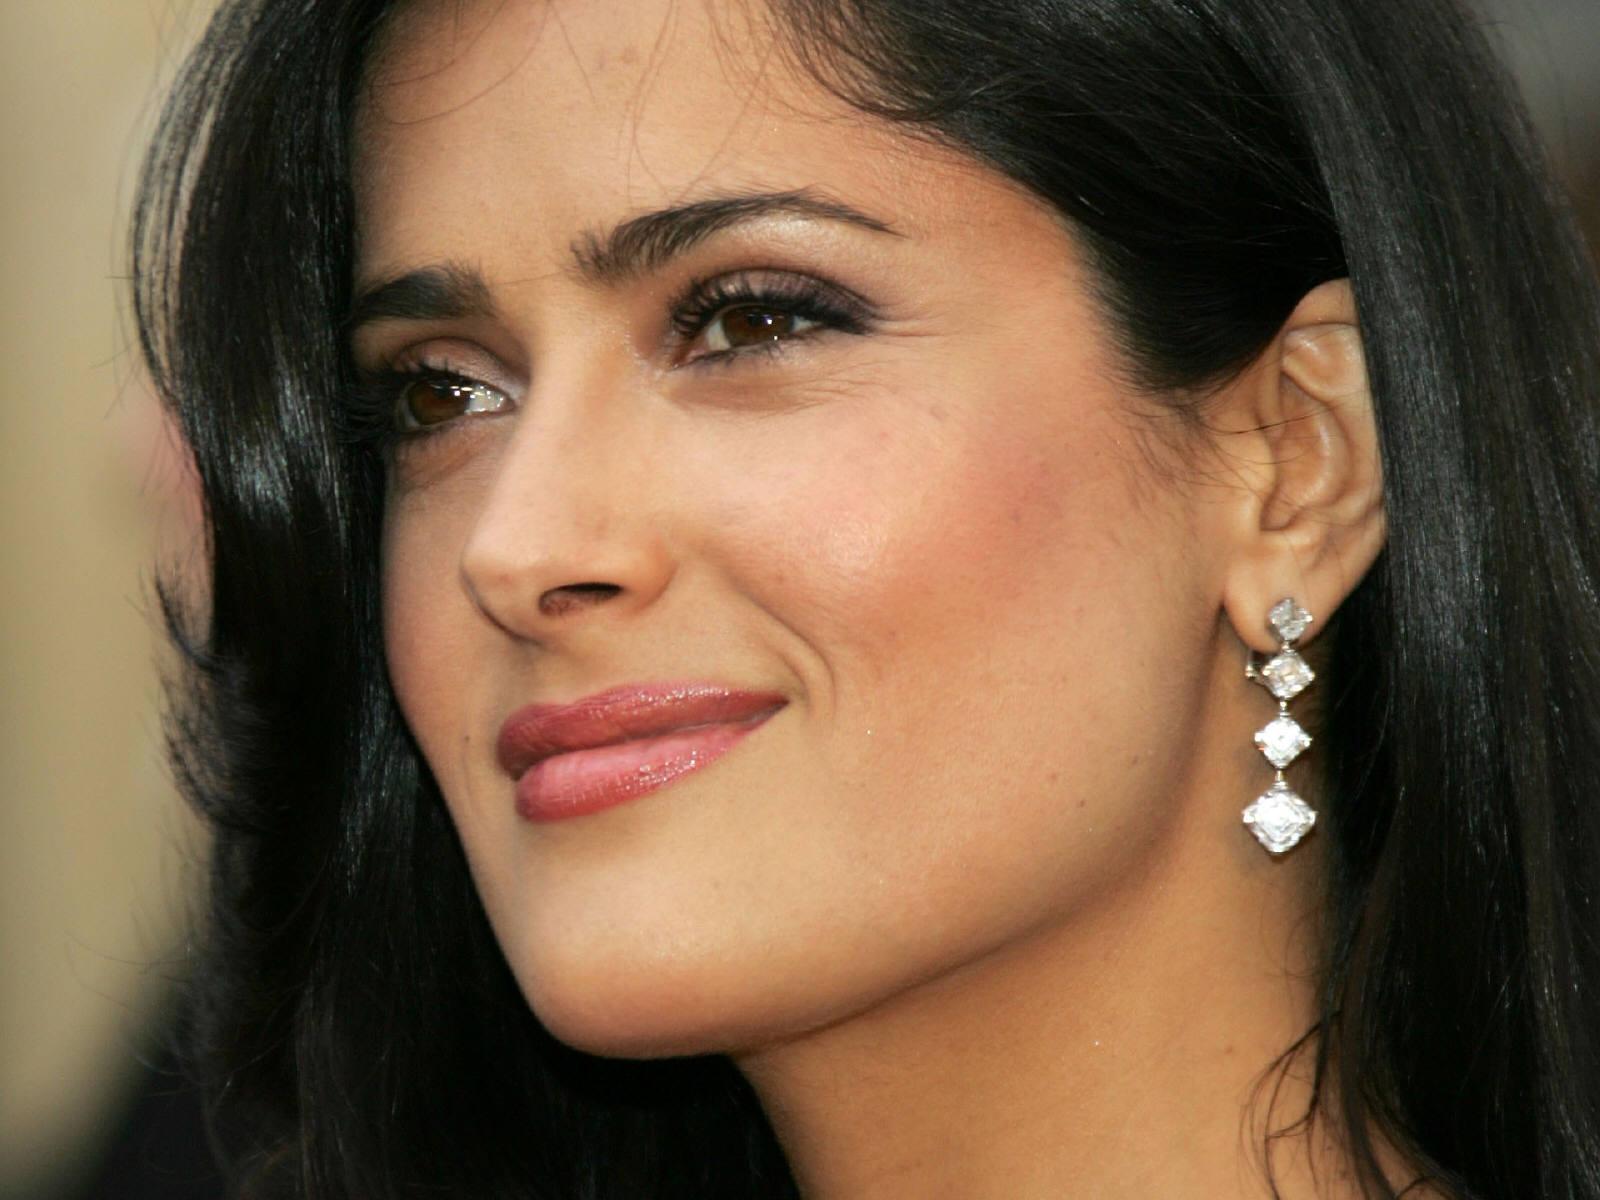 http://4.bp.blogspot.com/-7IcZ6ttyv2Y/T7dfjTWzxxI/AAAAAAAAFj4/tWNgHmF55Wc/s1600/Salma+Hayek-wallpaper-6.jpg